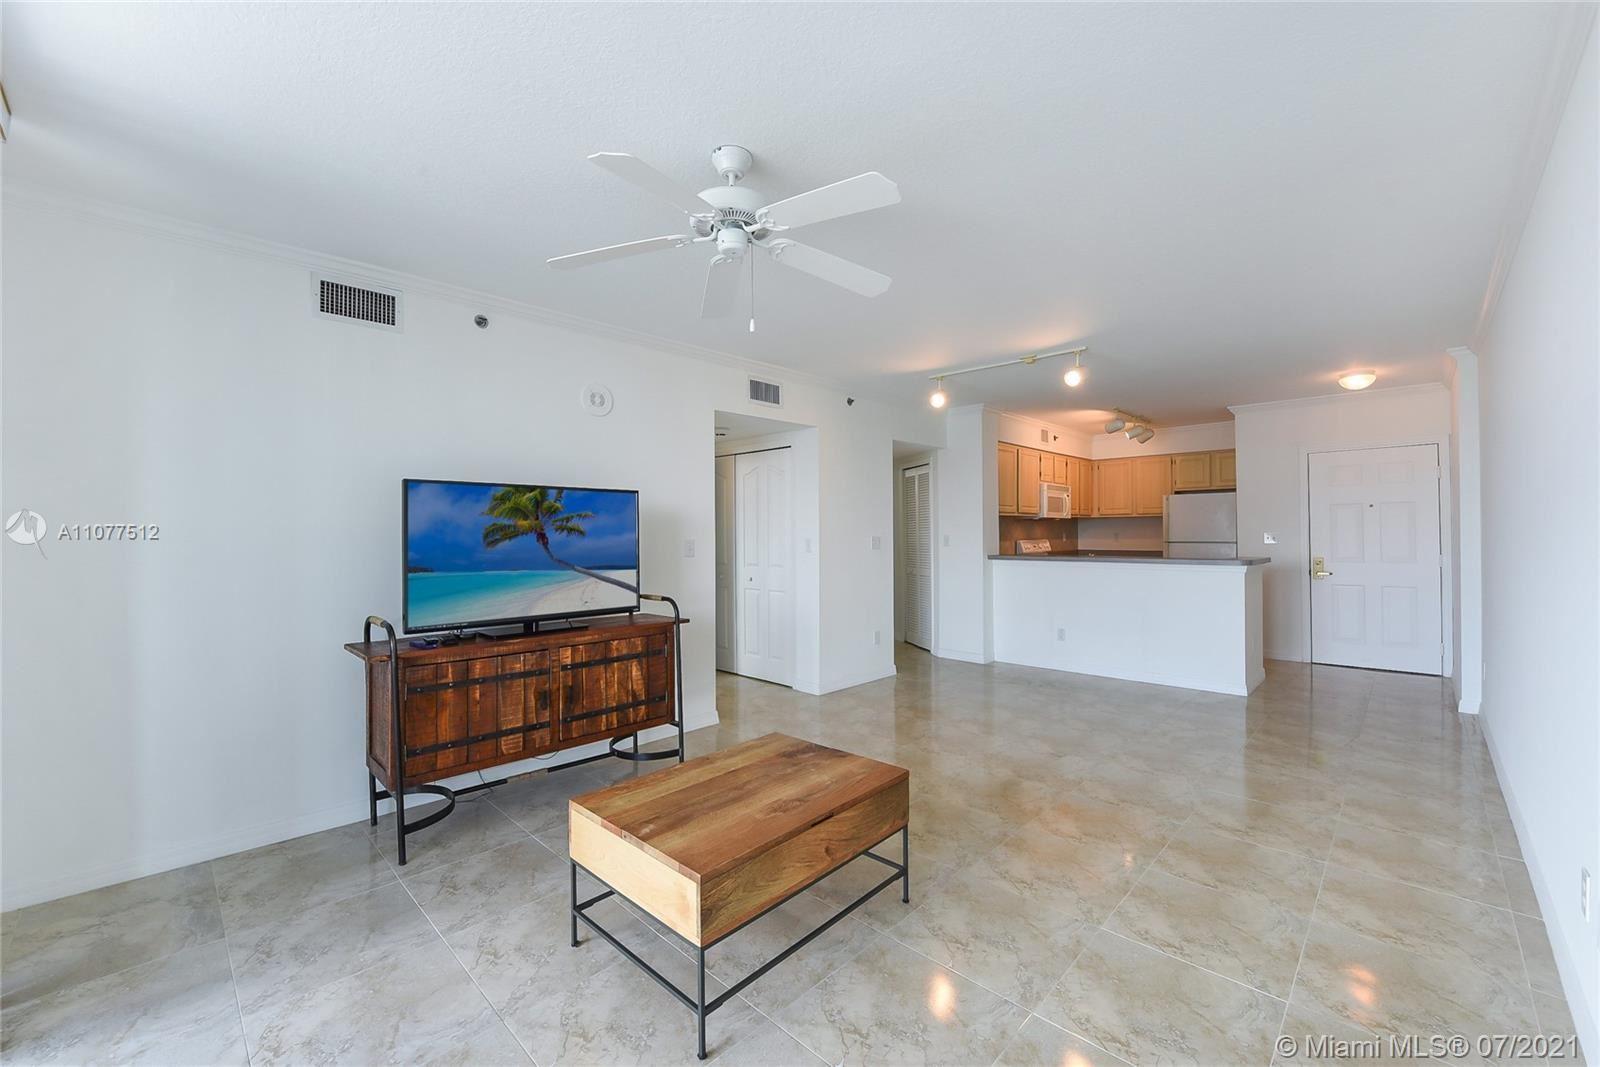 2665 SW 37th Ave #915, Miami, FL 33133 - #: A11077512